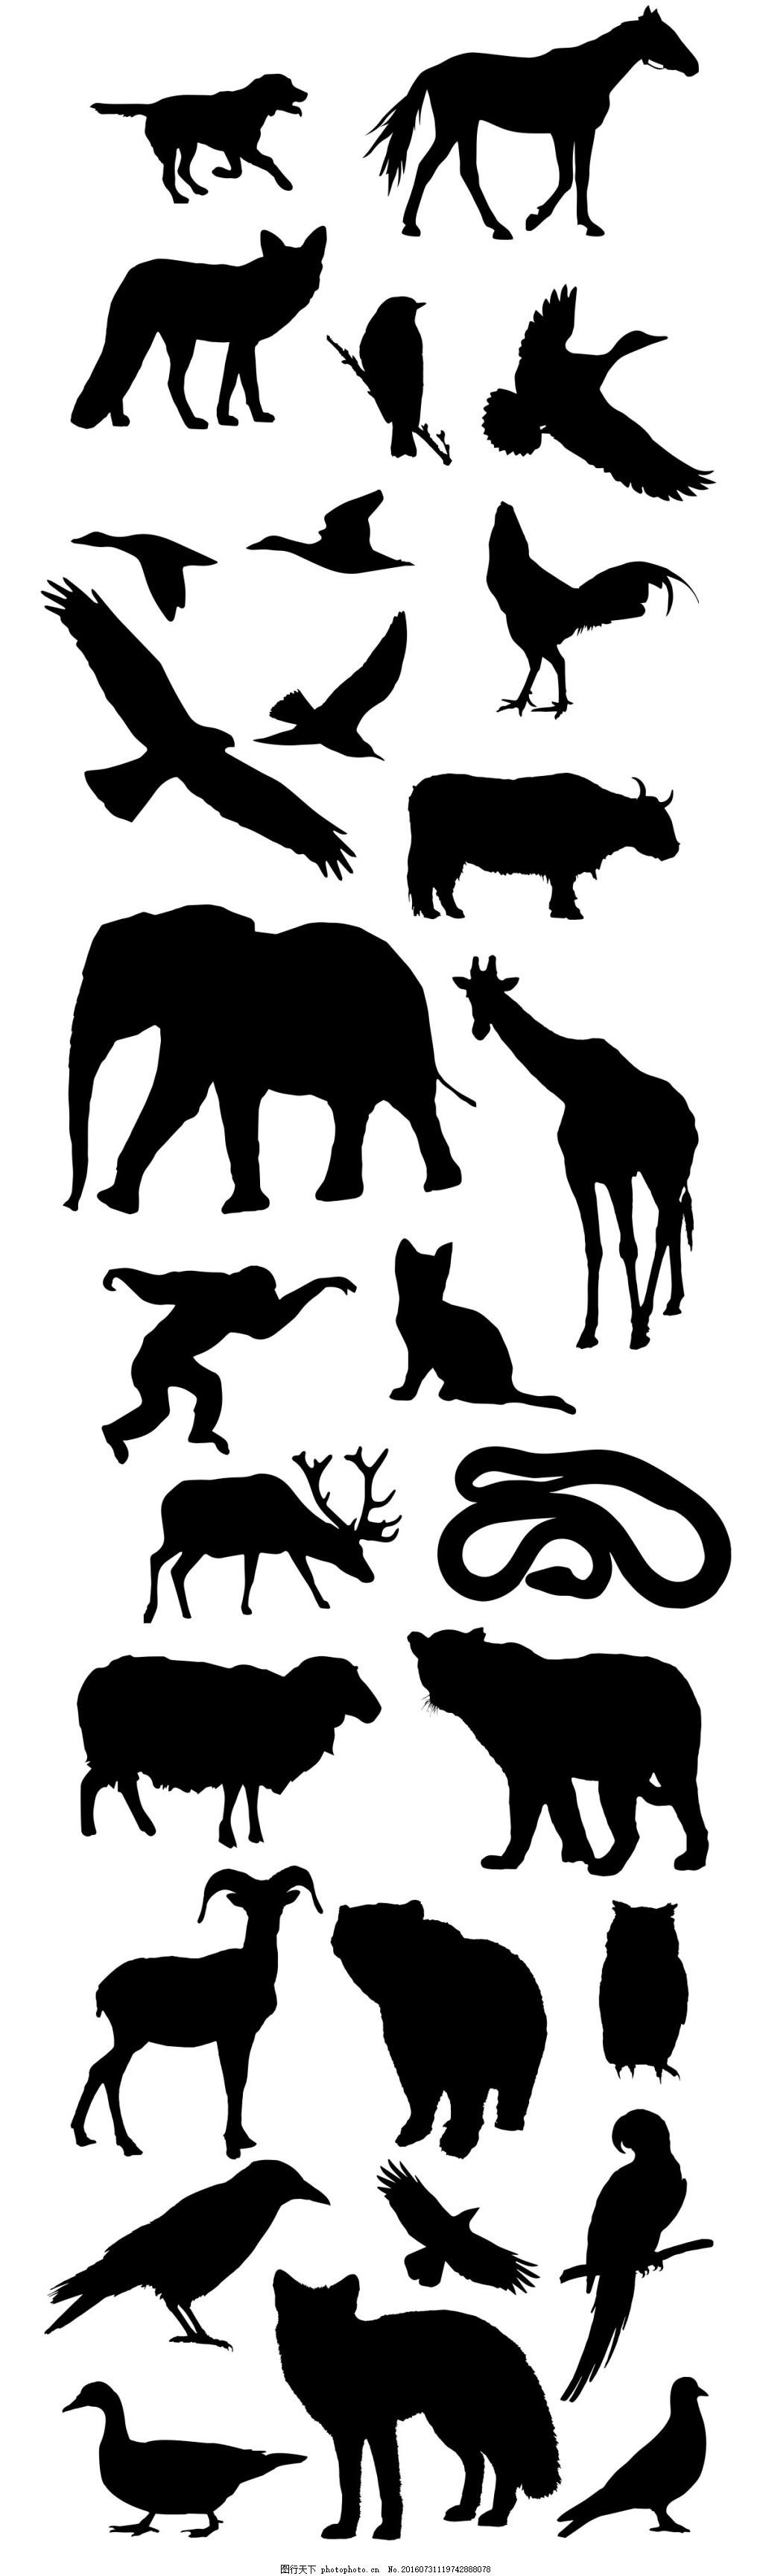 动物剪影设计 狗马狐狸鸟大象长颈鹿猴子猫羊熊蛇鸡鸭鹅剪影 动物剪切